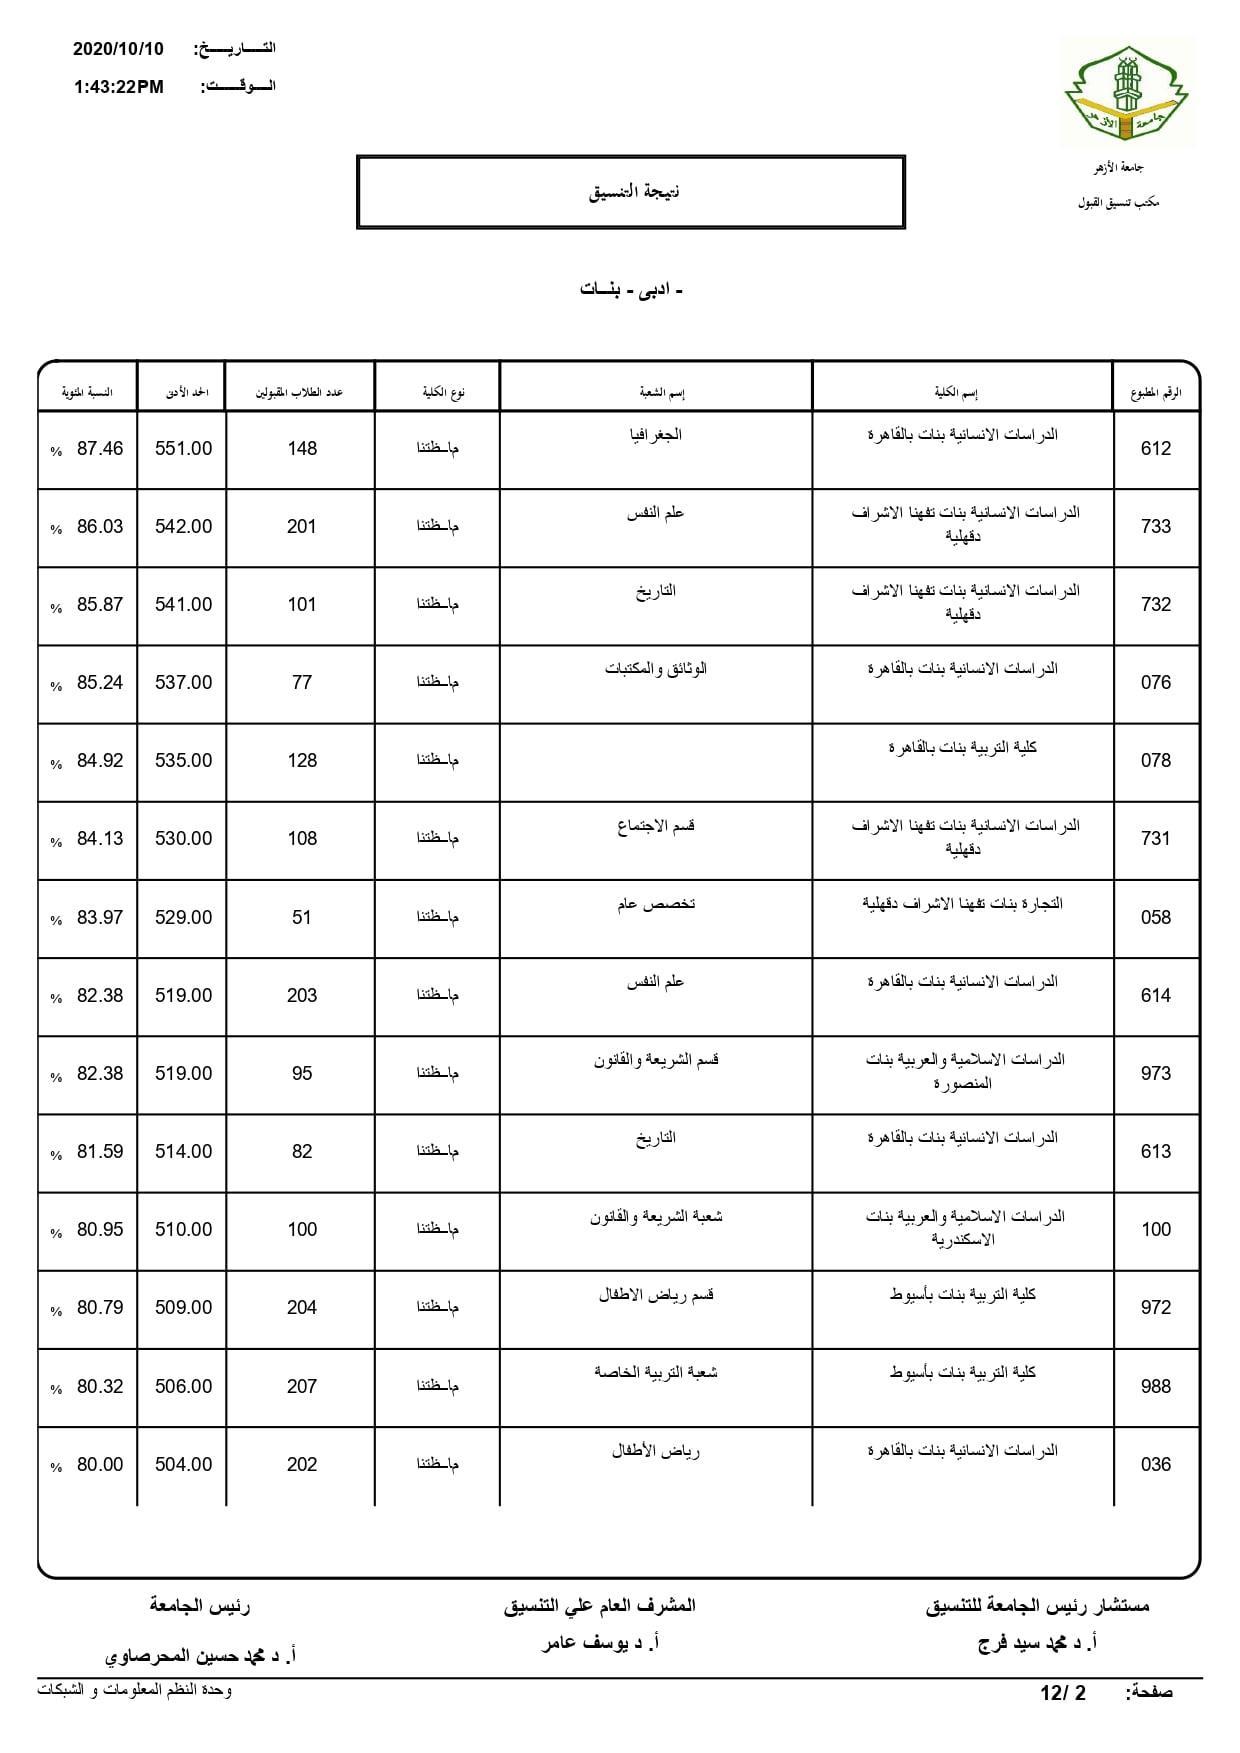 نتيجة تنسيق كليات جامعة الأزهر لعام 2020 بالكامل 20201010202448207